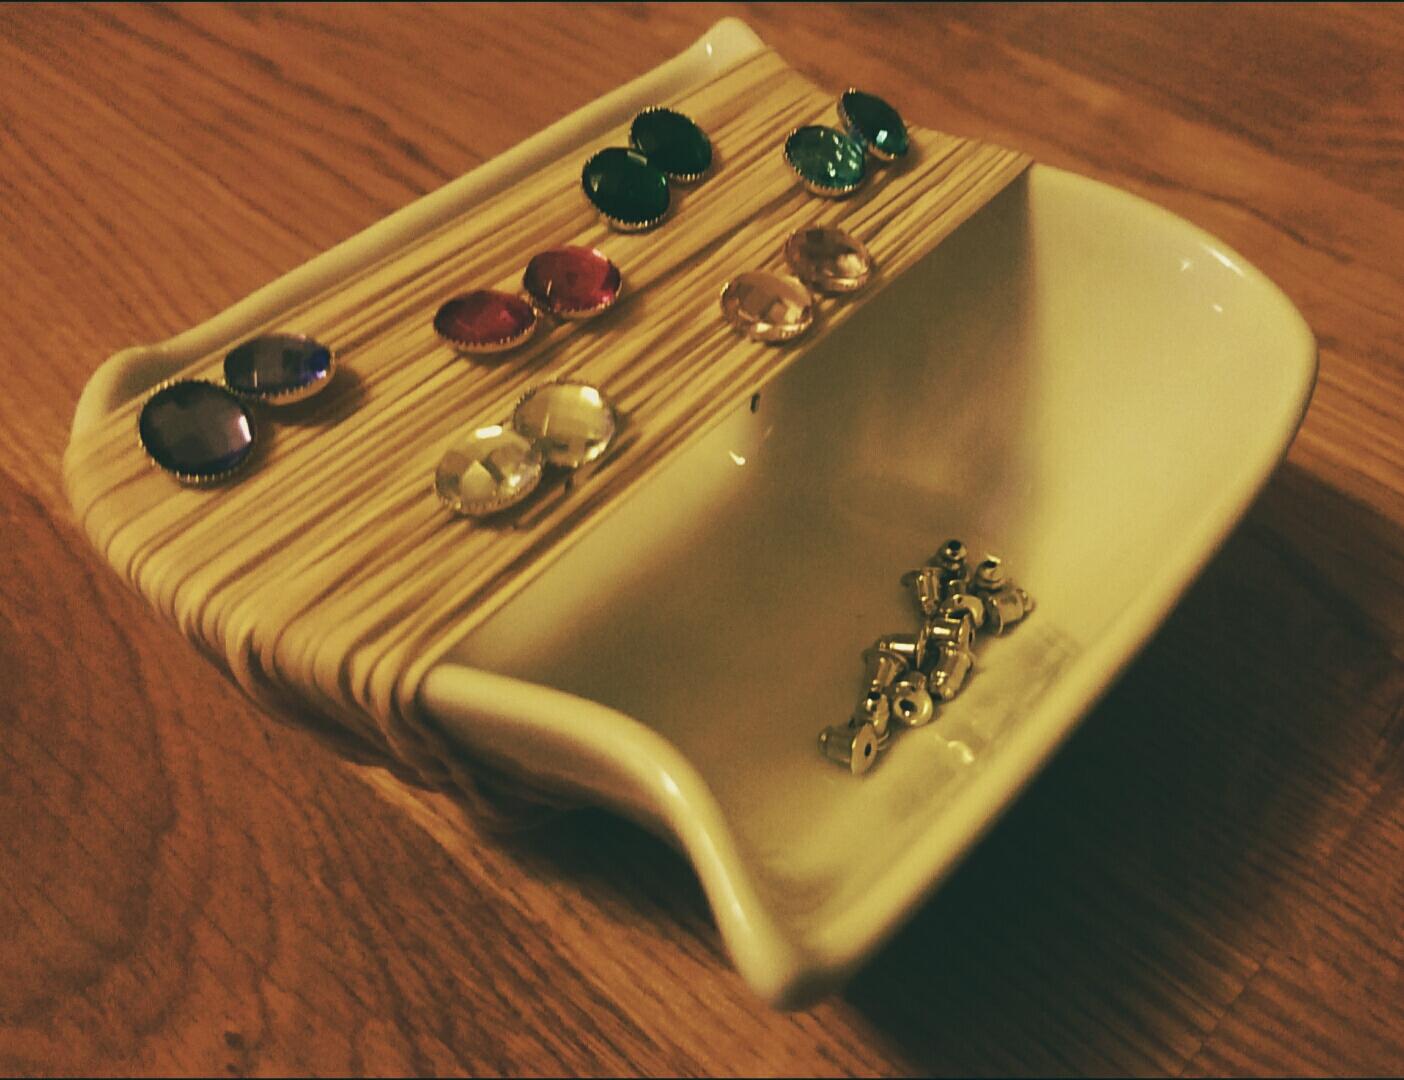 Rubber band - earring holder